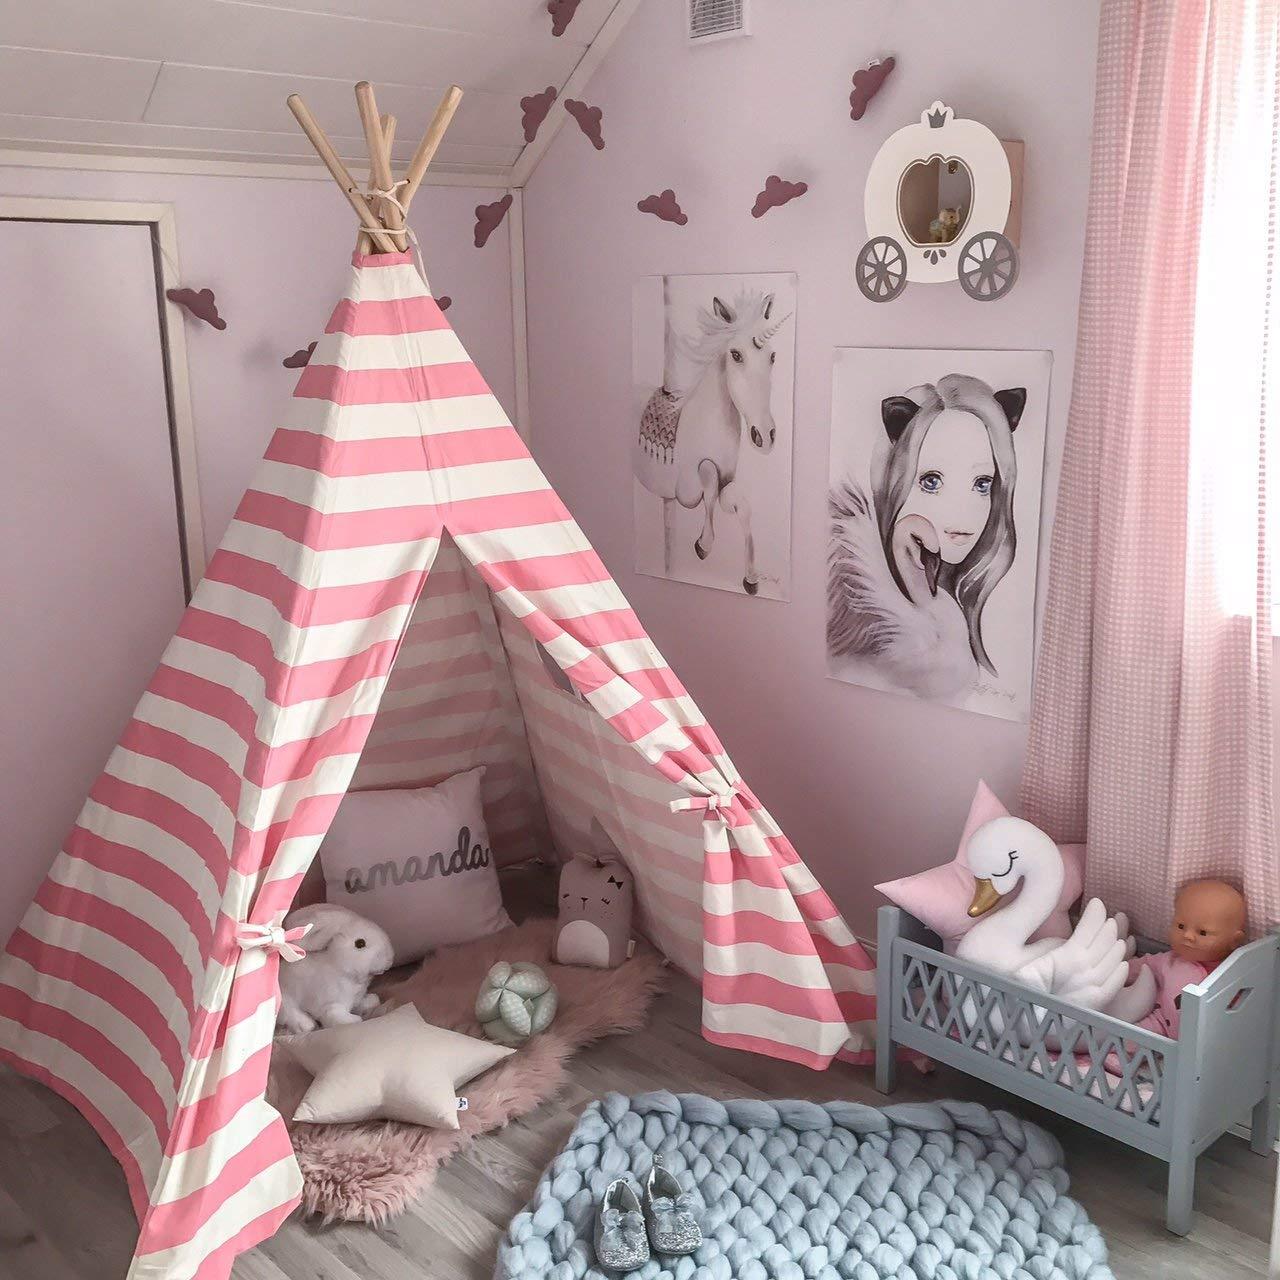 Tiny land teepee tents